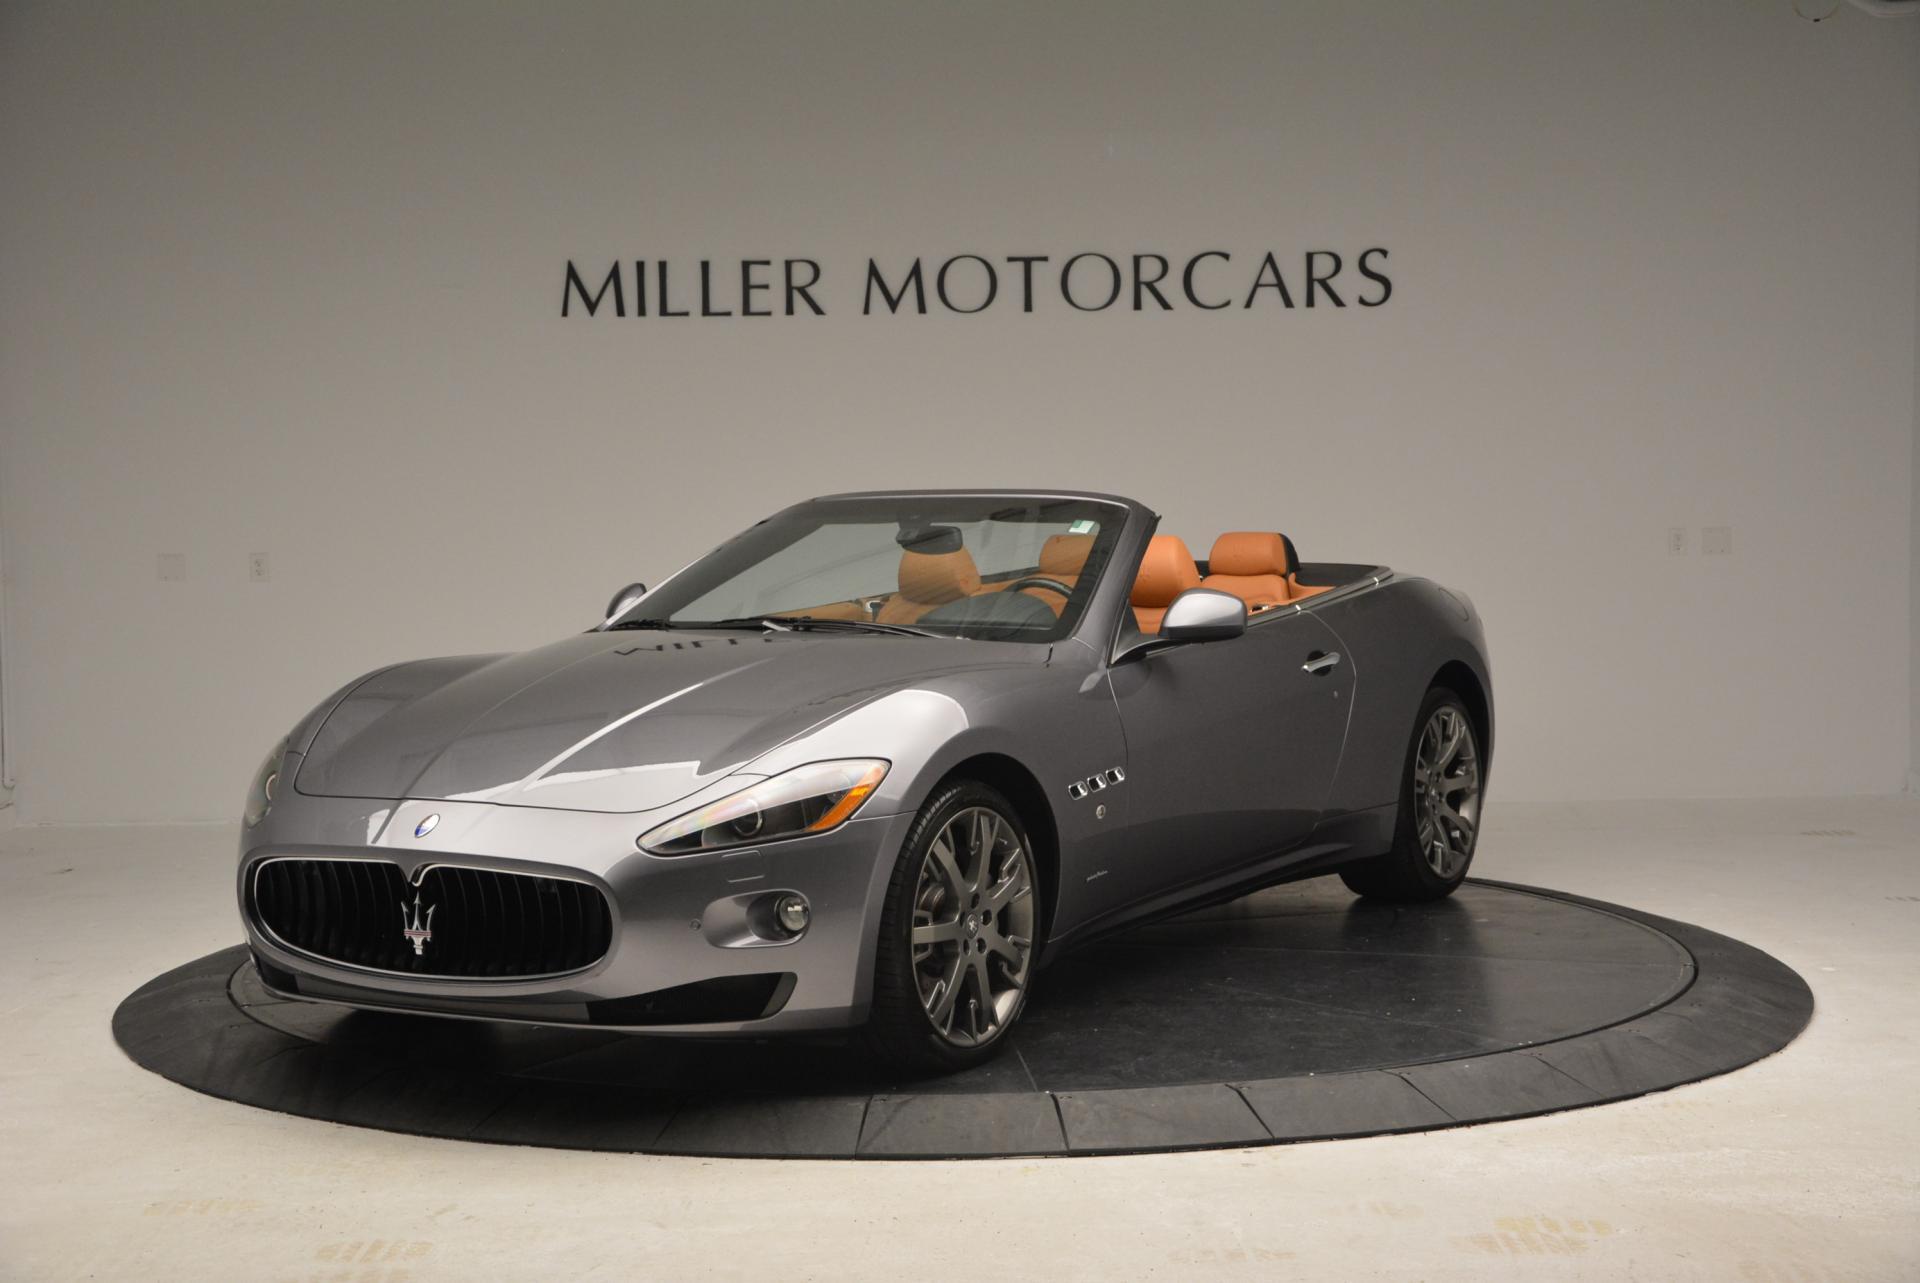 Used 2012 Maserati GranTurismo for sale Sold at Alfa Romeo of Westport in Westport CT 06880 1